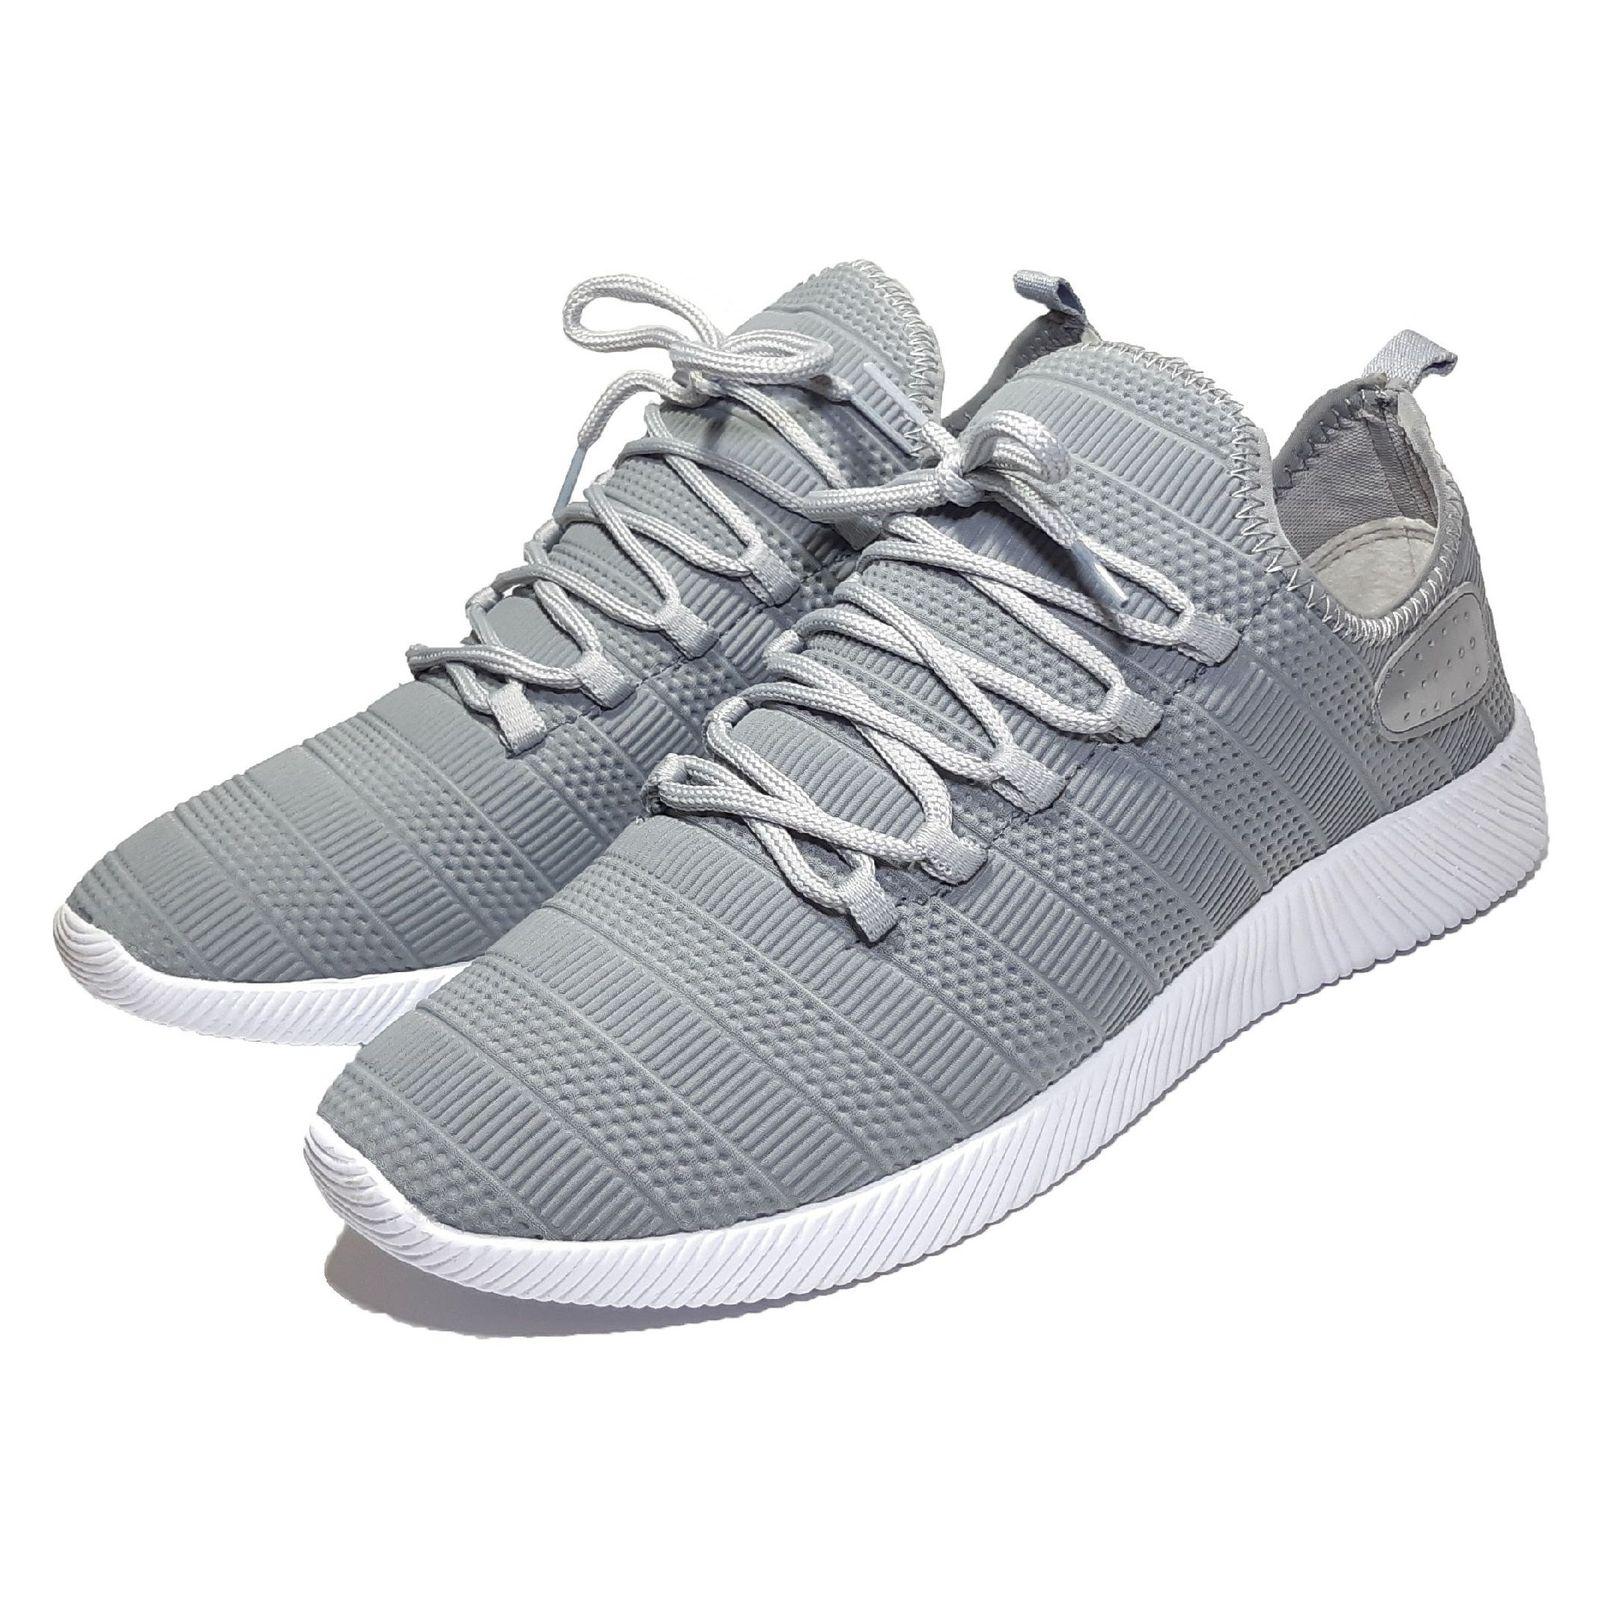 کفش مخصوص پیاده روی مردانه مدل Dharma main 1 4